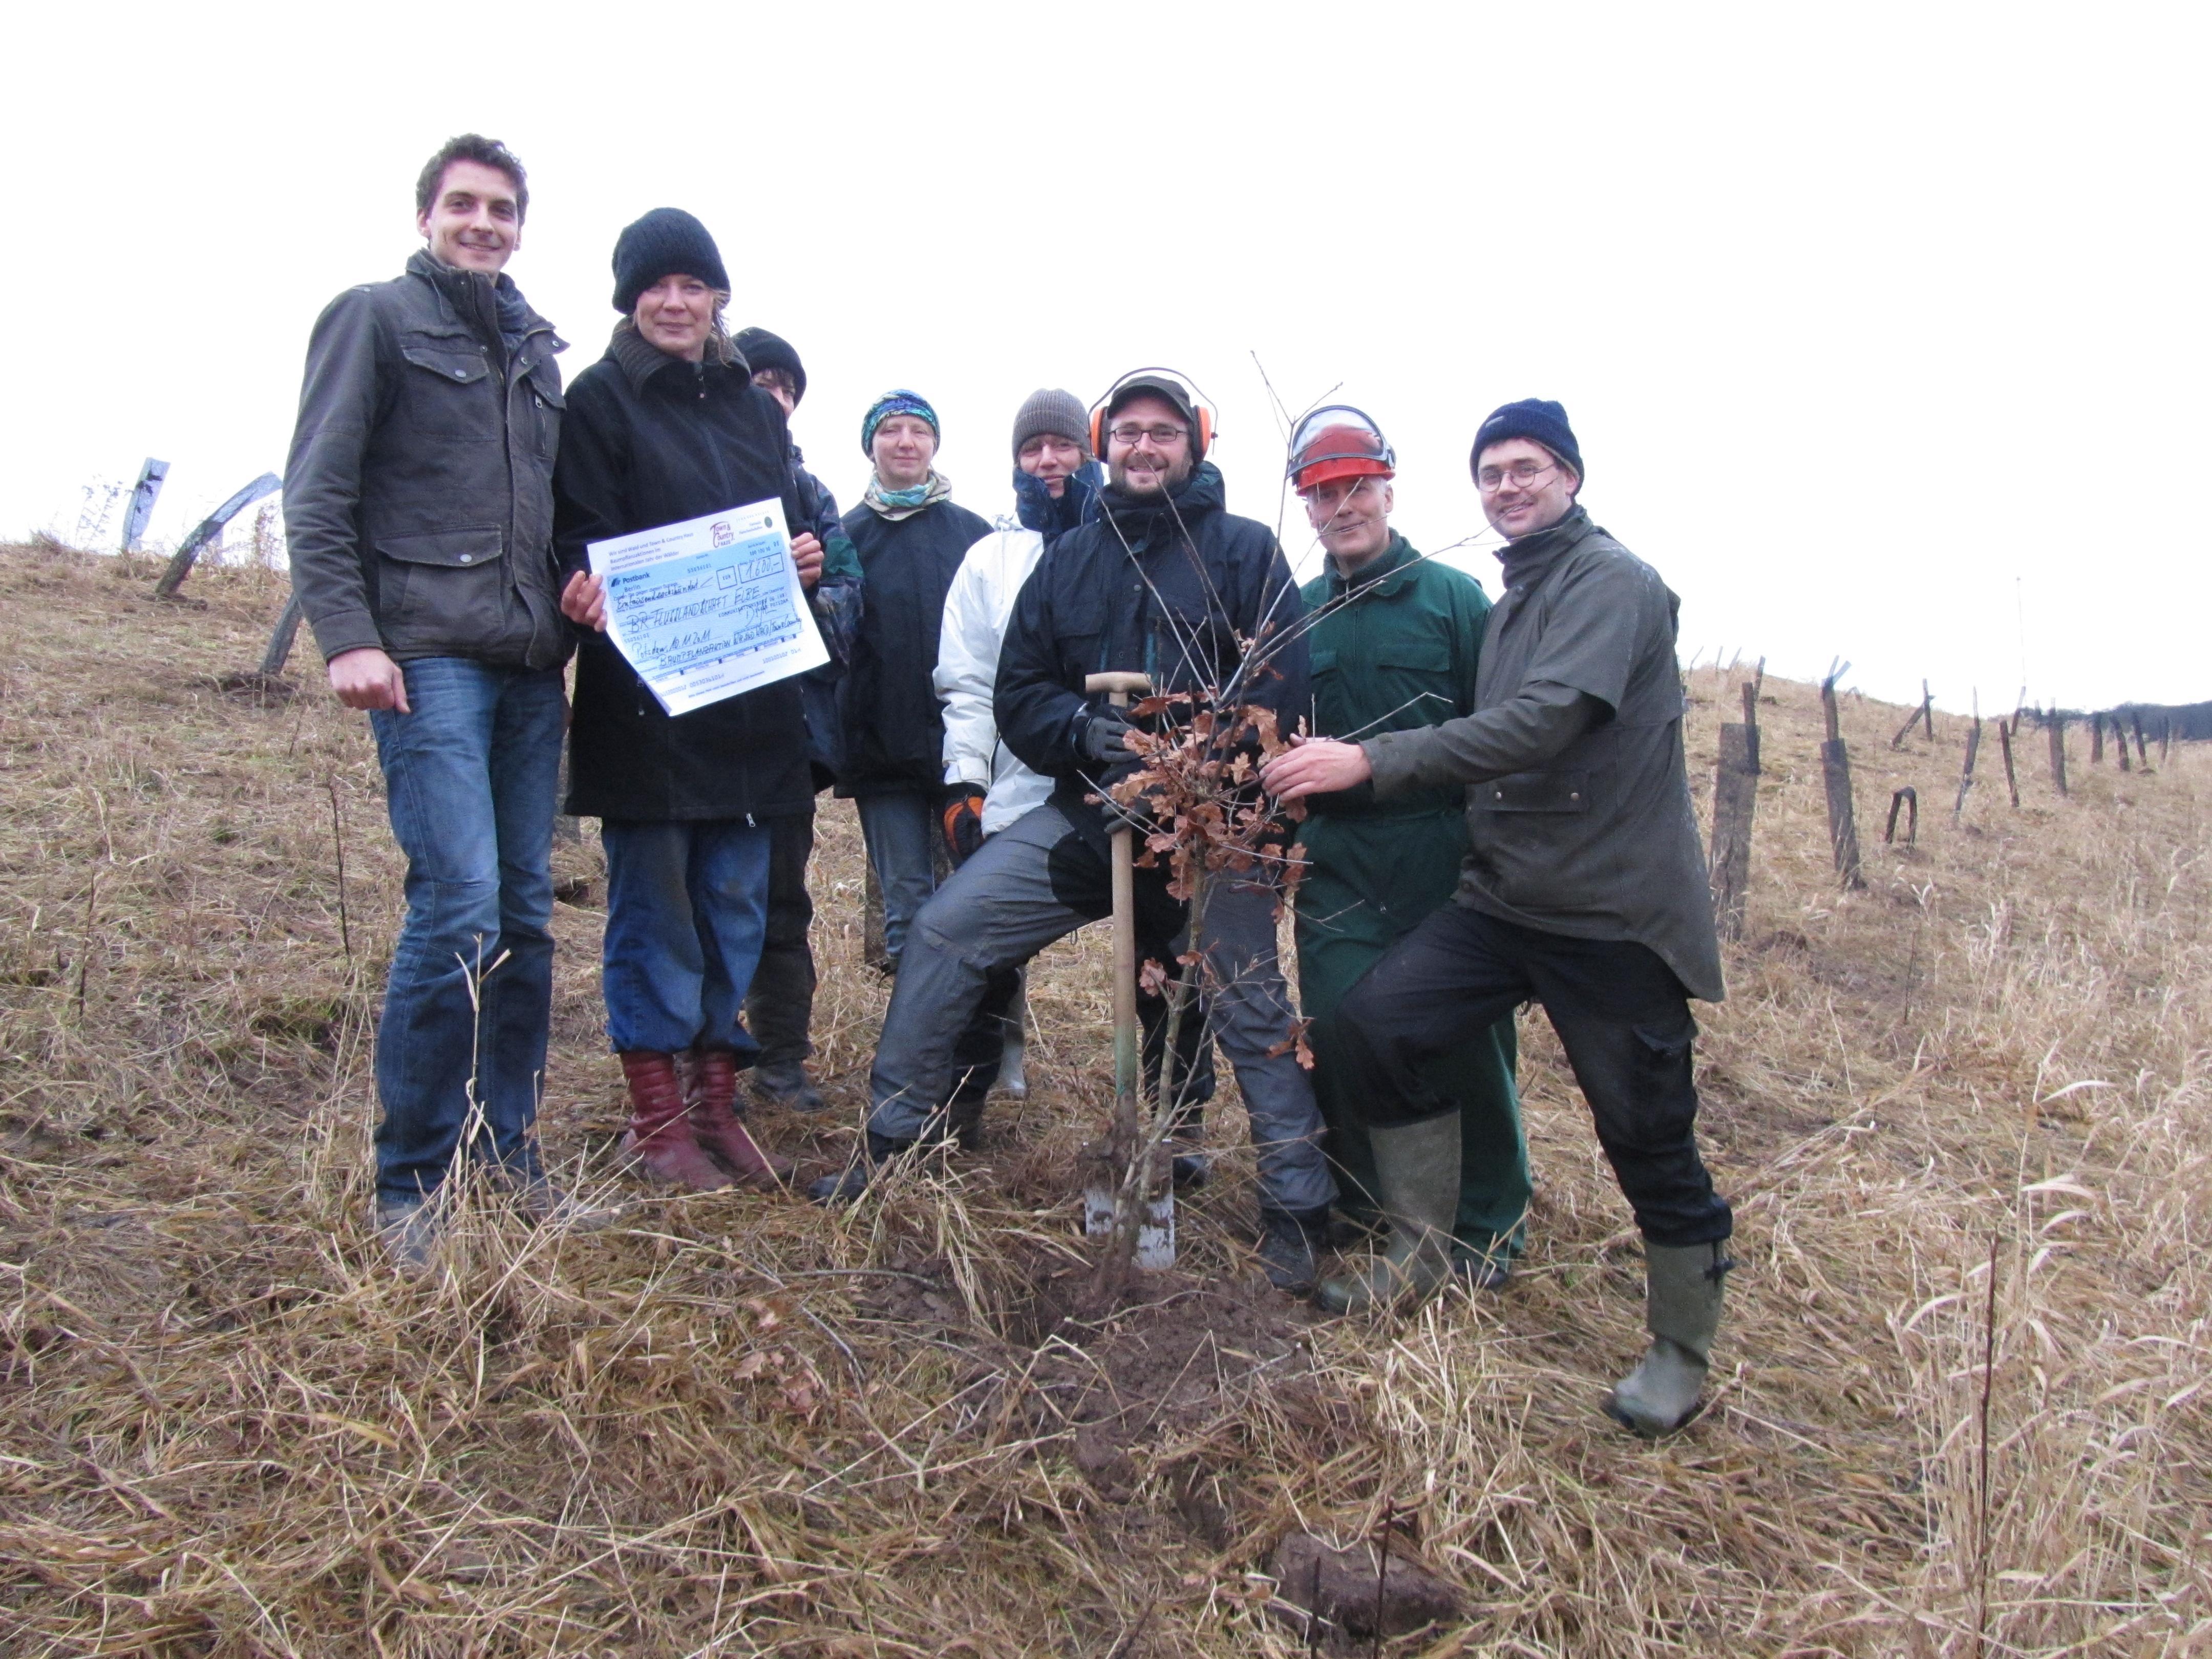 200 Jungeichen, die von Town & Country finanzierte, pflanzten die Mitarbeiter der Biosphärenreservatsverwaltung ein.